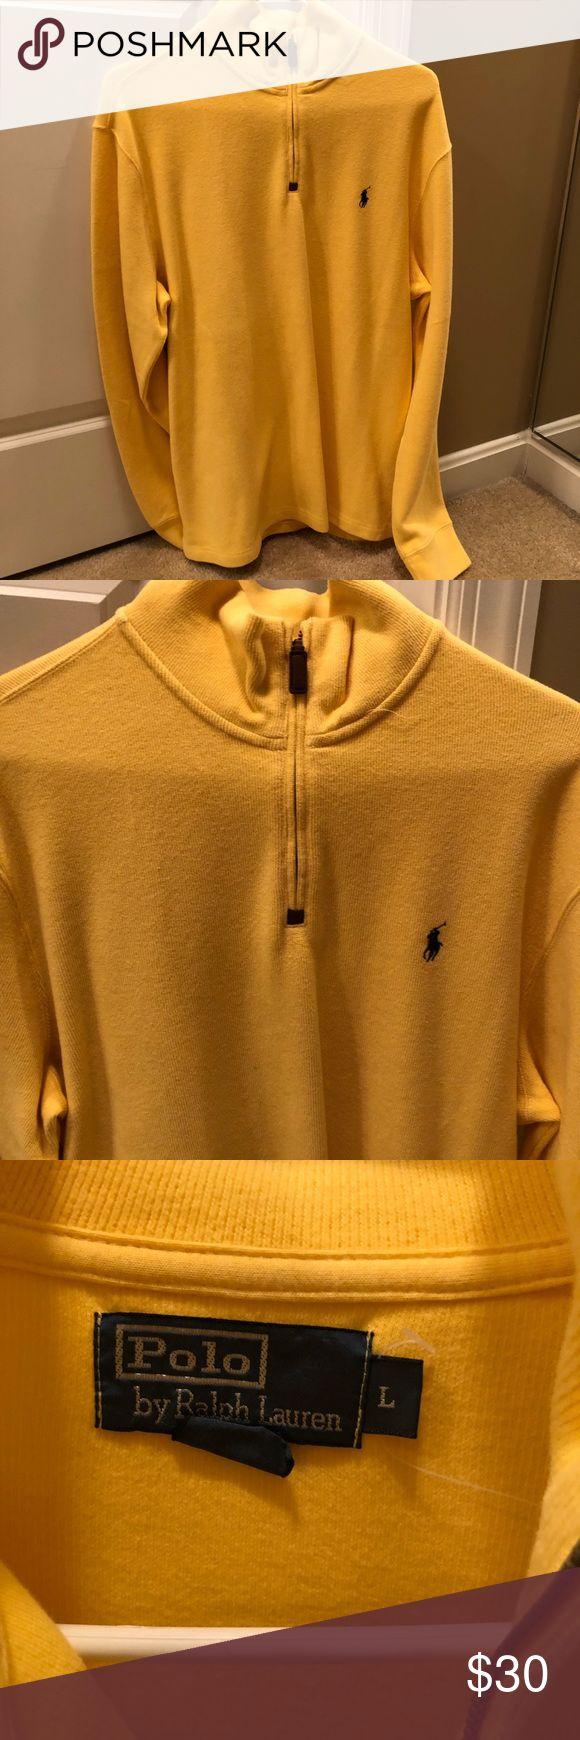 Men's Ralph Lauren Half Zip Sweater Size Large. NWOT. Yellow with Navy Logo. No trades. Ralph Lauren Sweaters